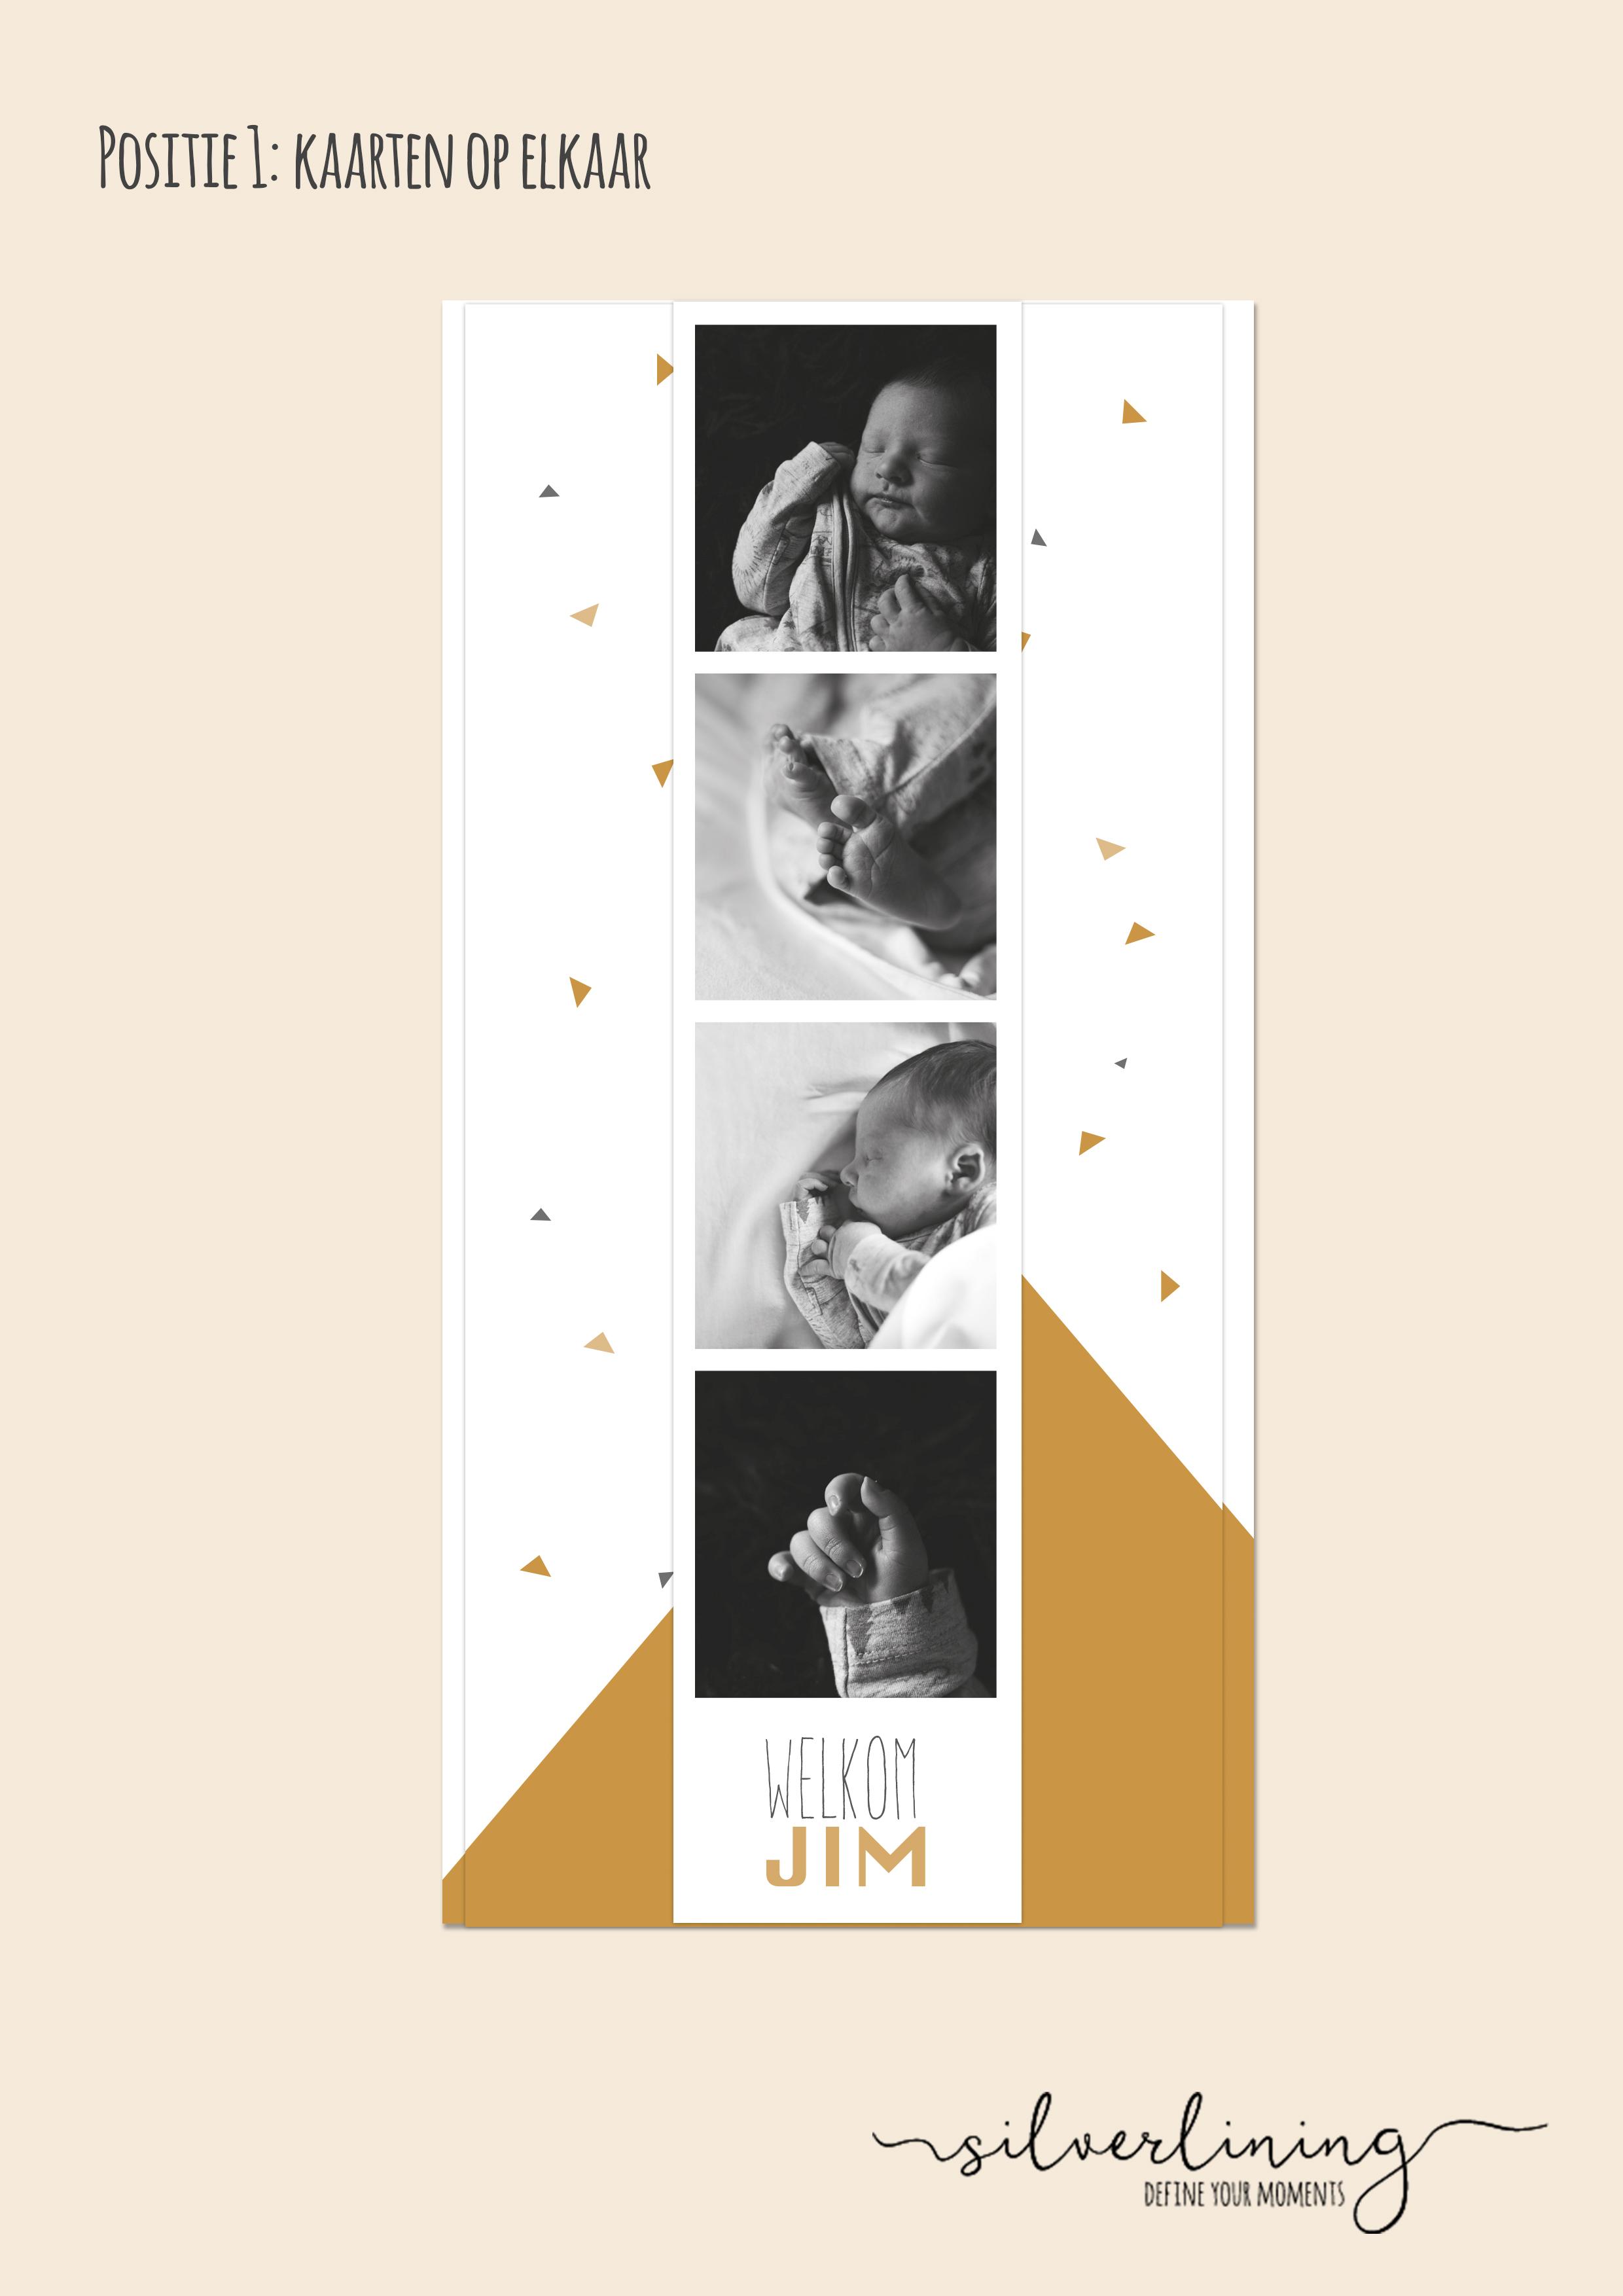 Jim-1.jpg